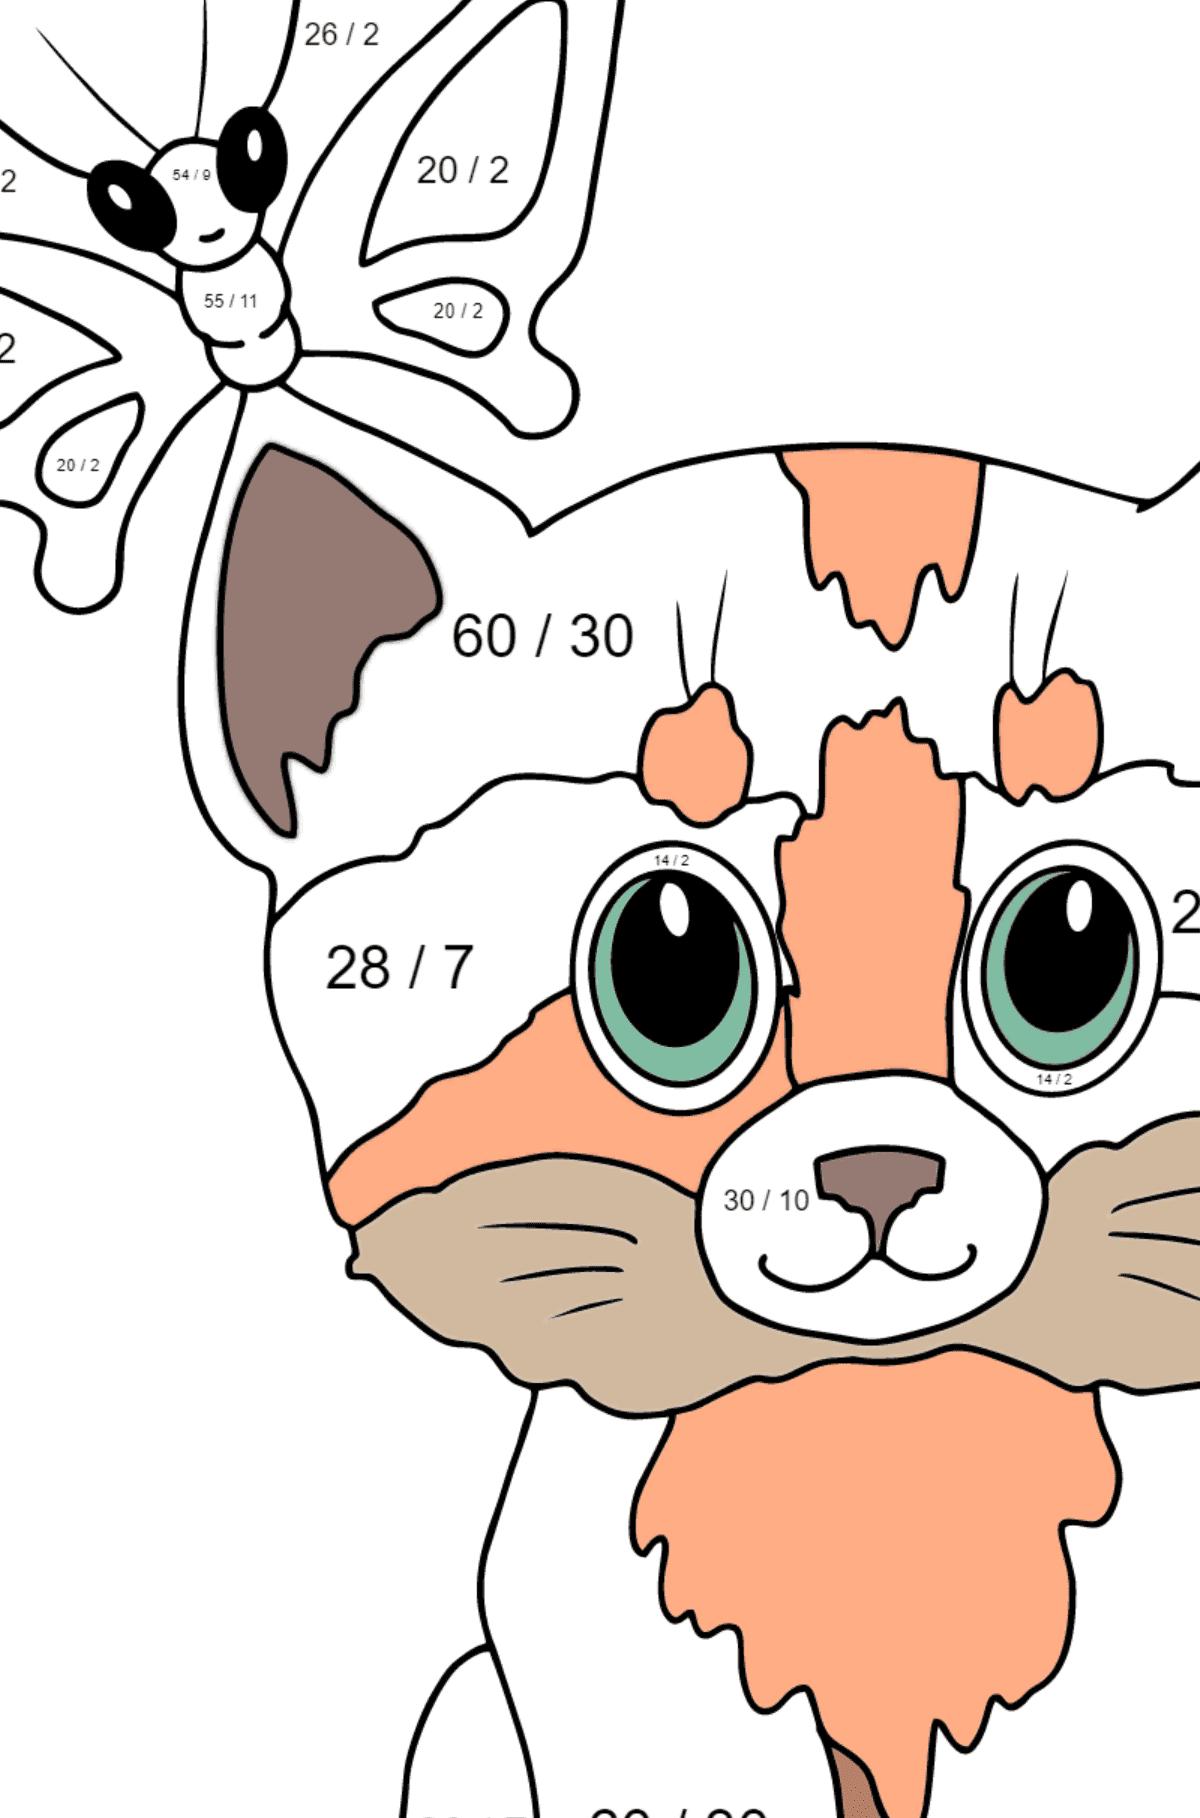 Раскраска кошка с бабочкой на ухе - Математическая Раскраска - Деление для Детей